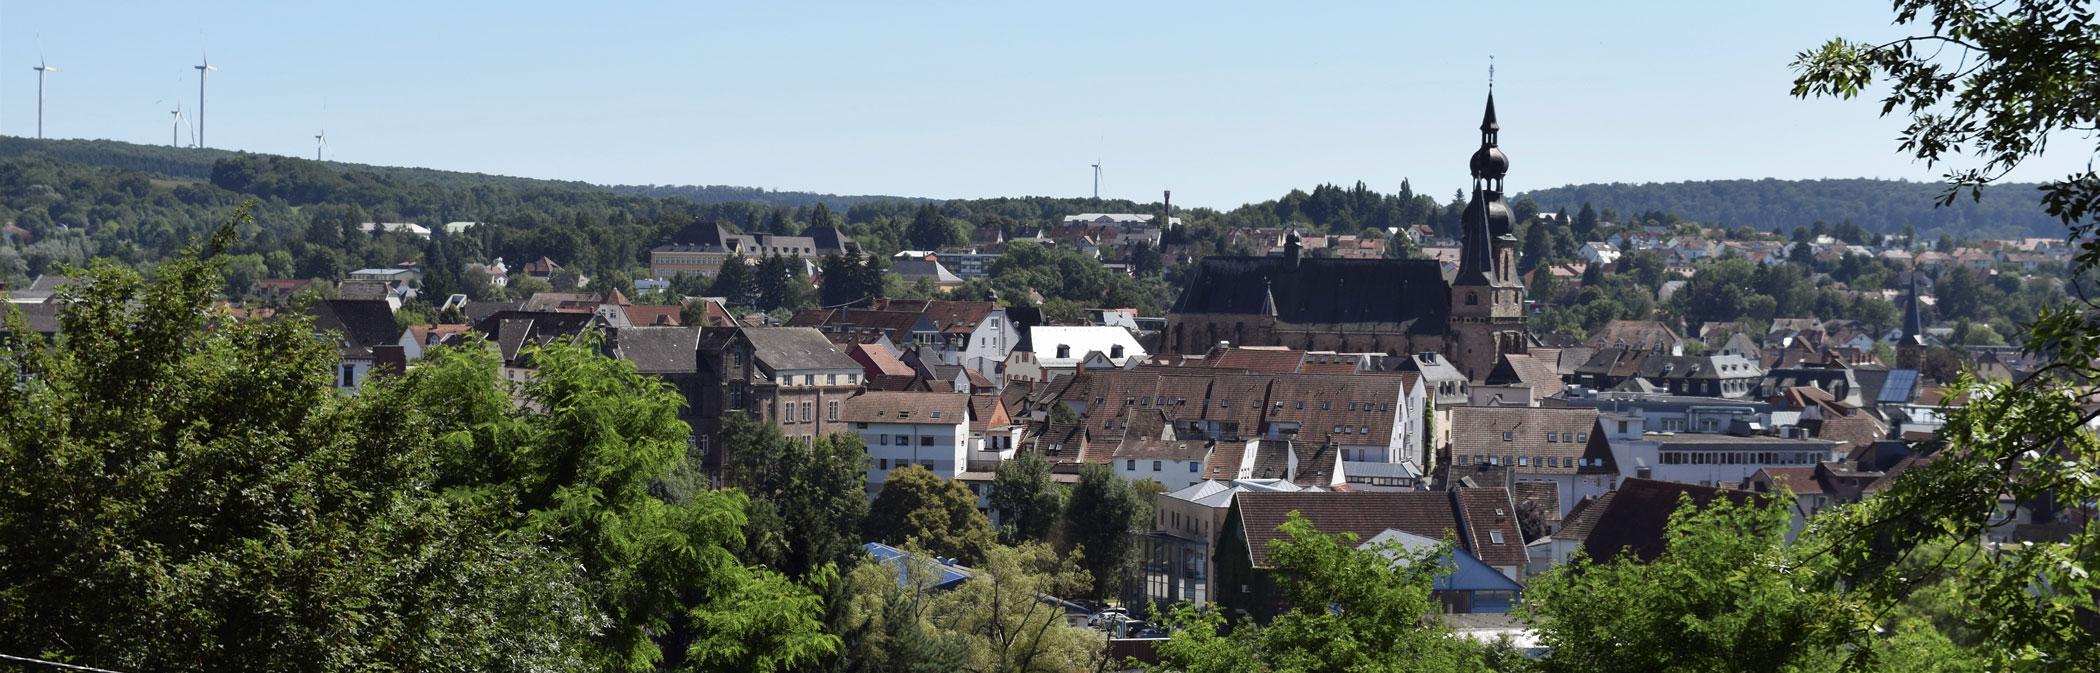 Das Panoramabild zeigt die Stadt von oben